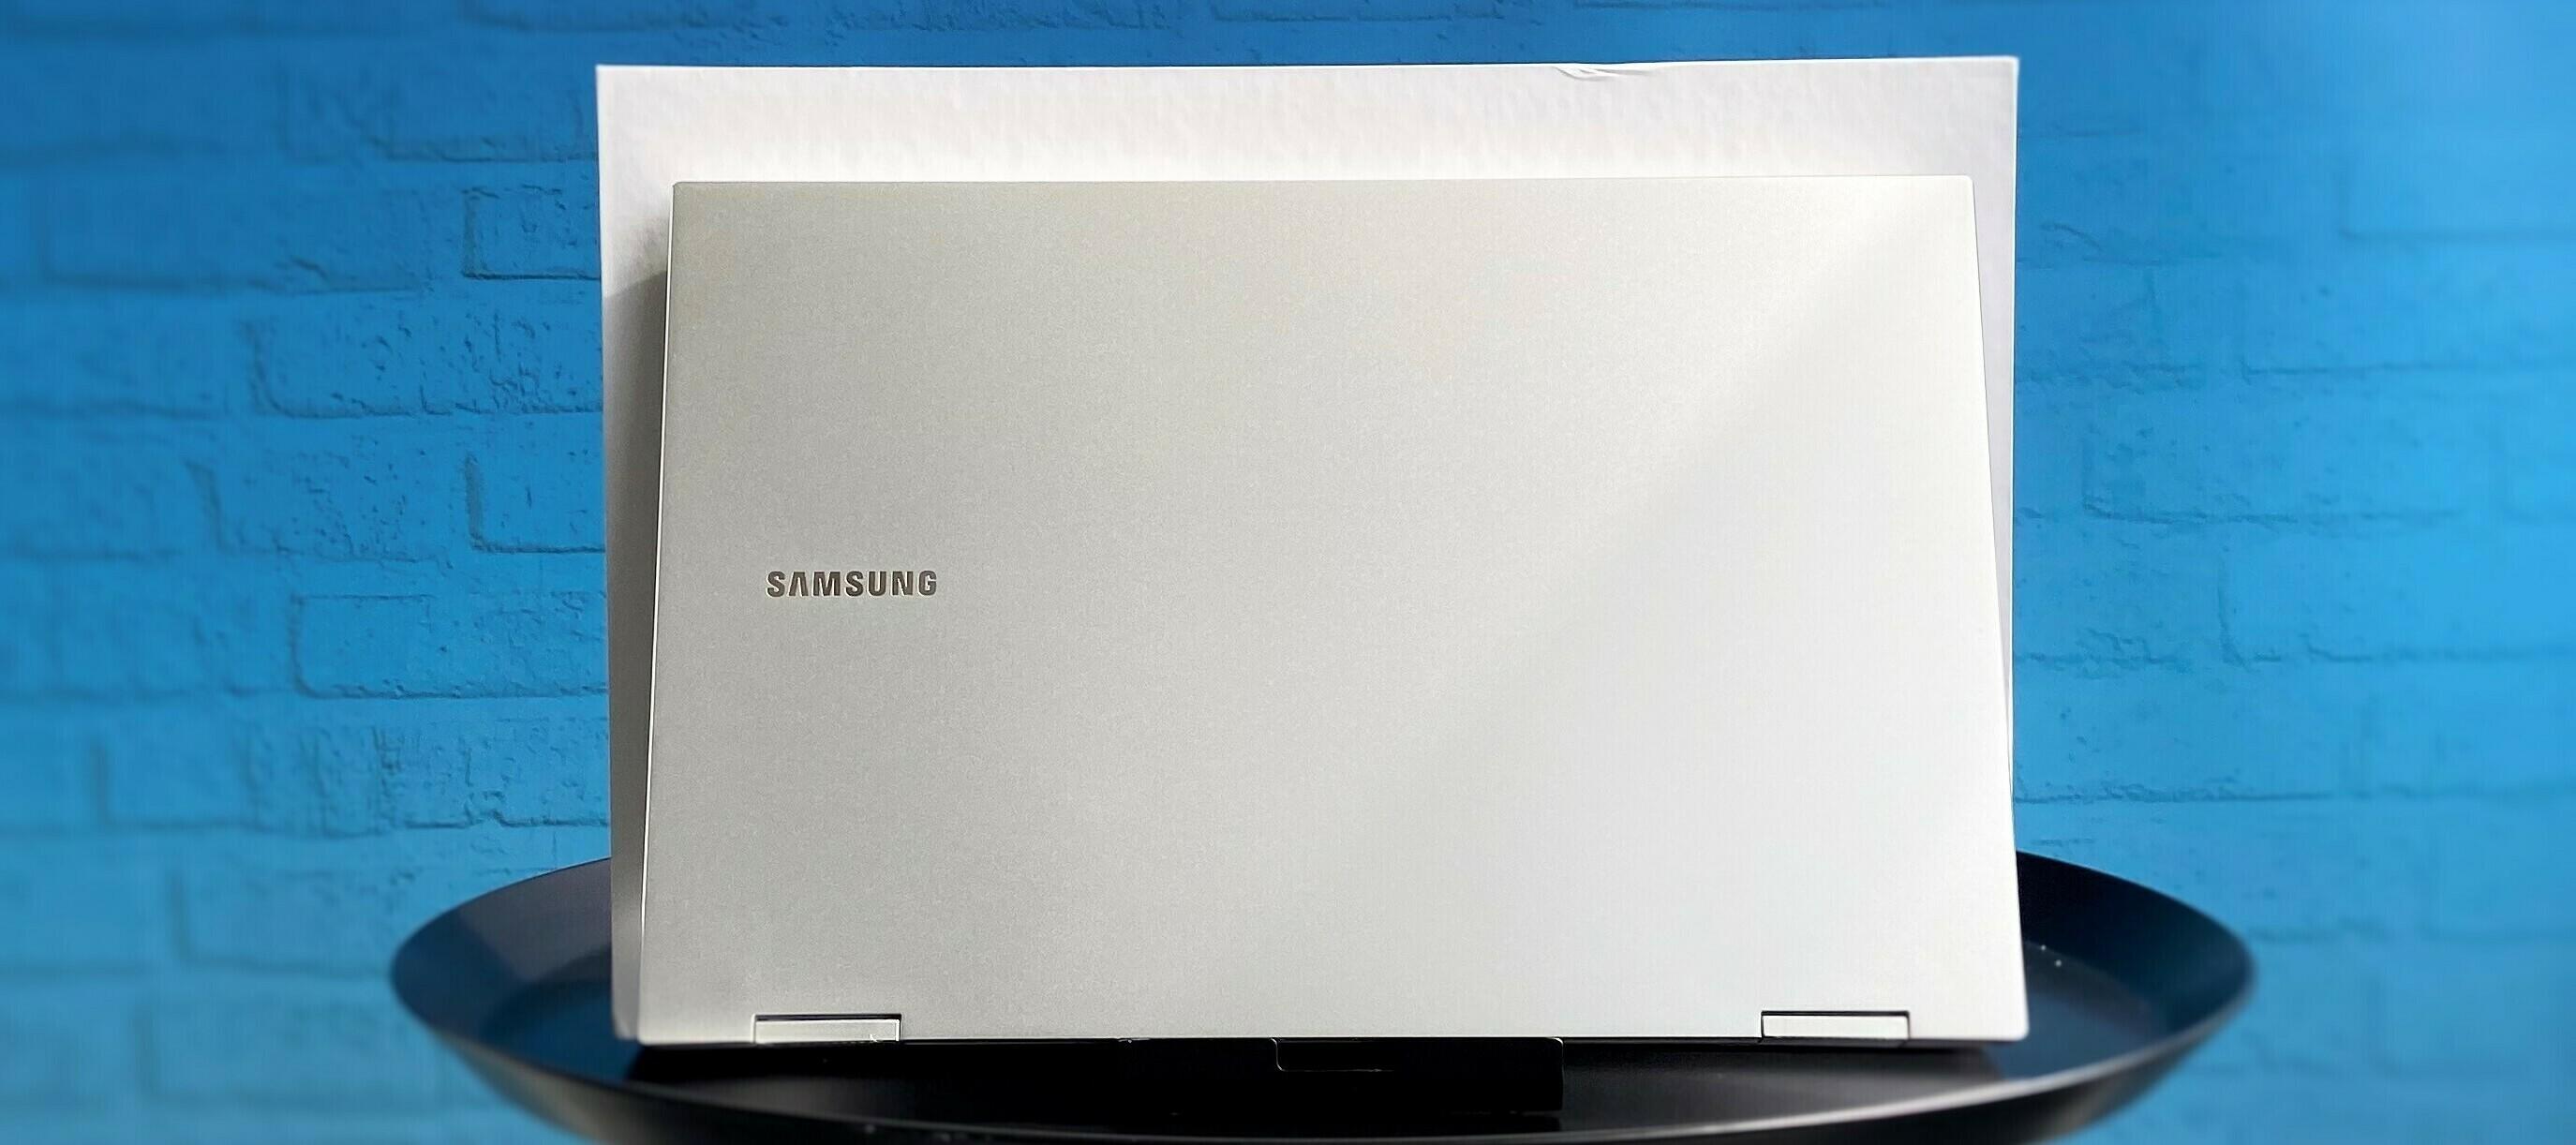 Werde jetzt Tester:in und prüfe auf Herz und Nieren das Samsung Galaxy Book Flex2 5G